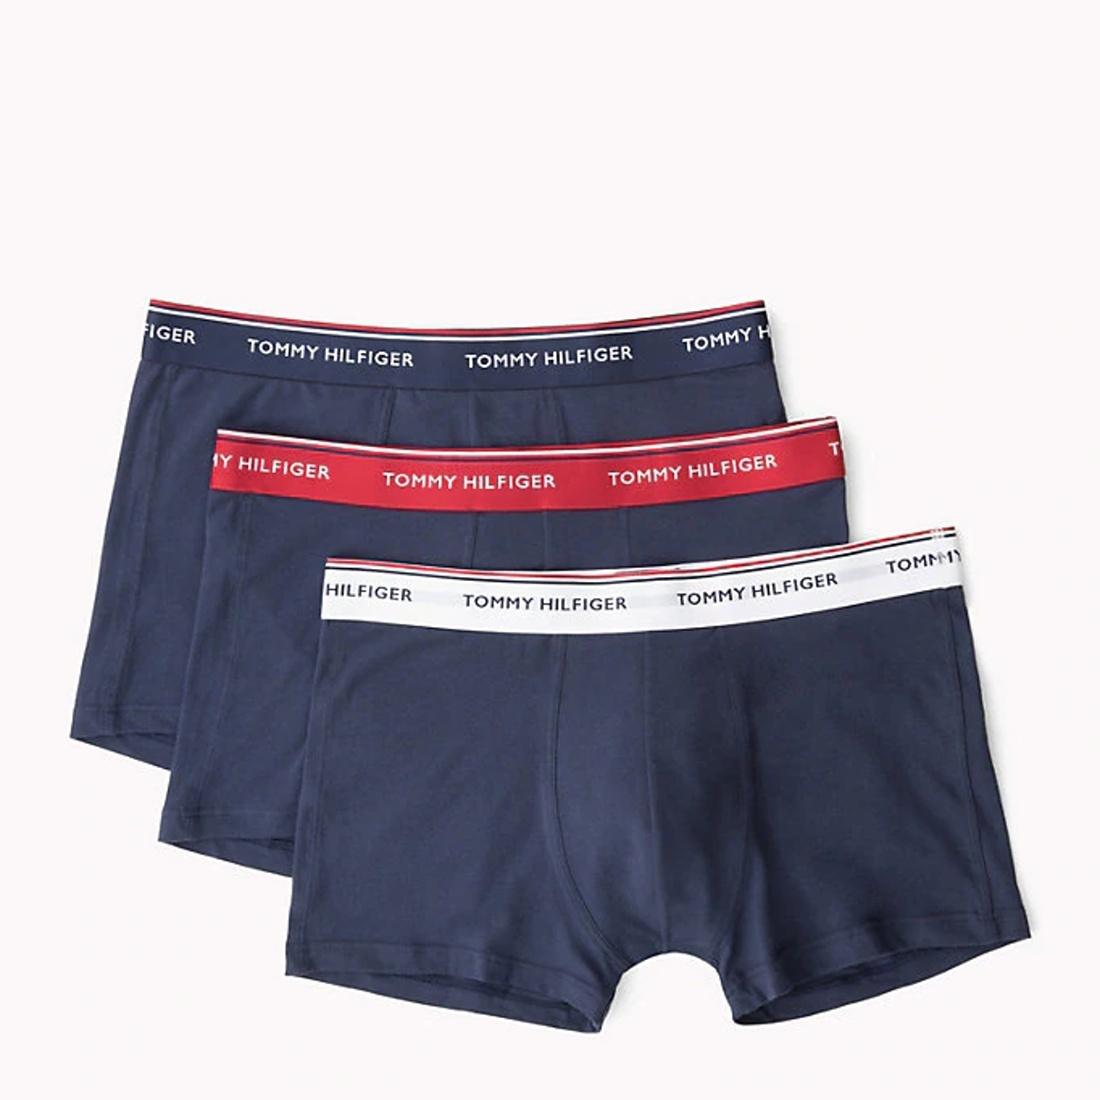 Tommy Hilfiger 3PACK pánské boxerky - Mode.cz 30bd4fe869